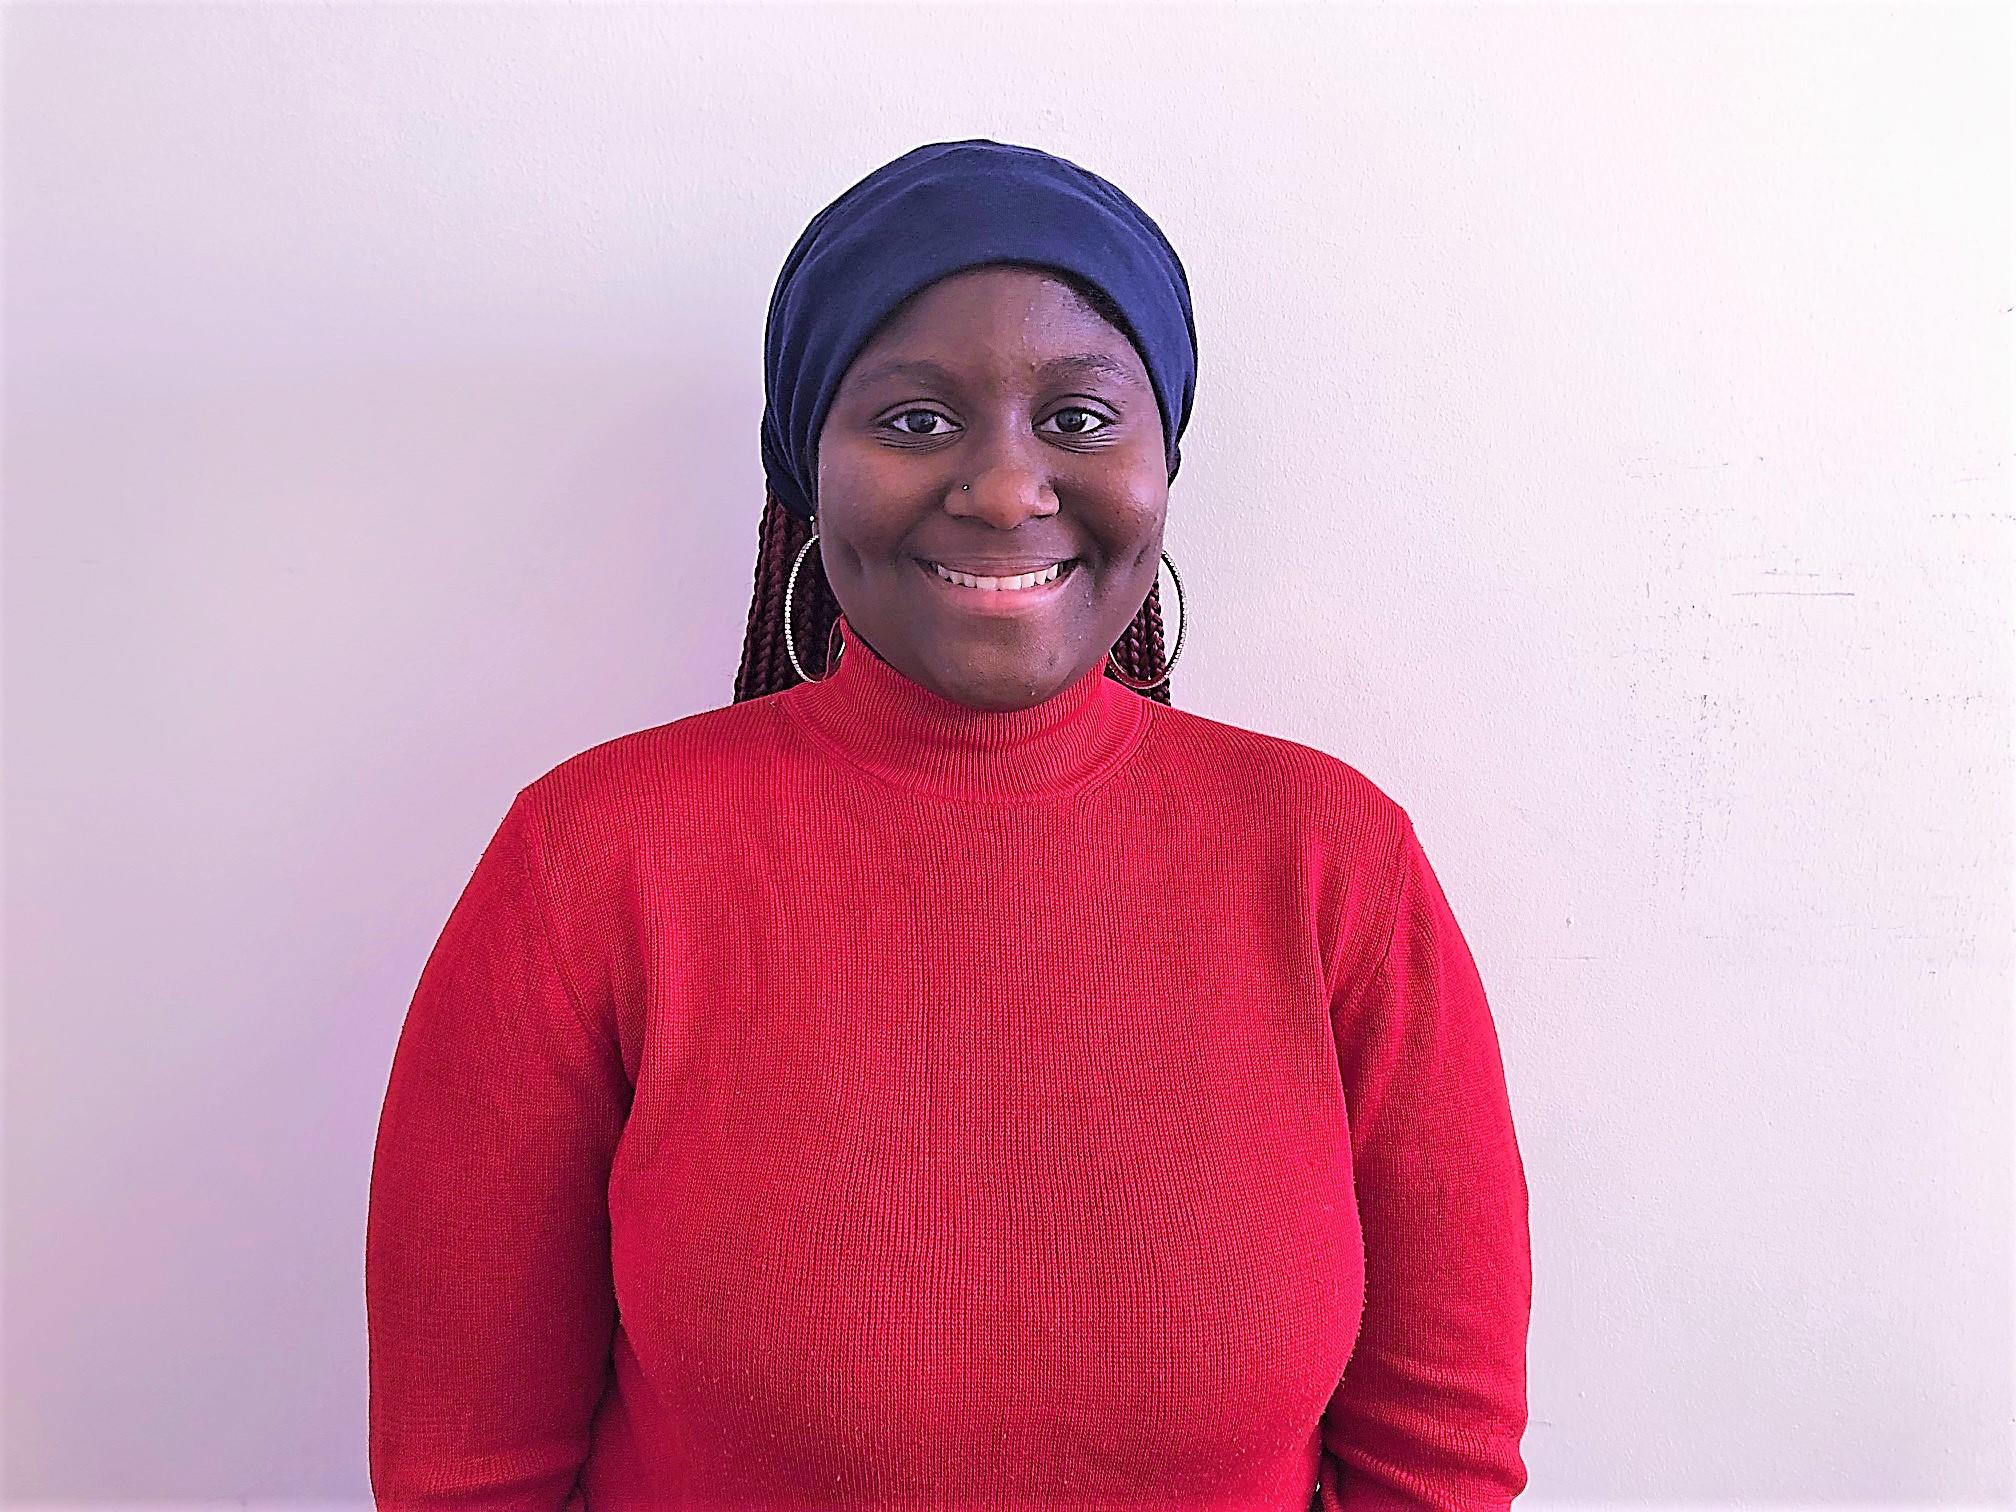 Senior Spotlight on Nzinga